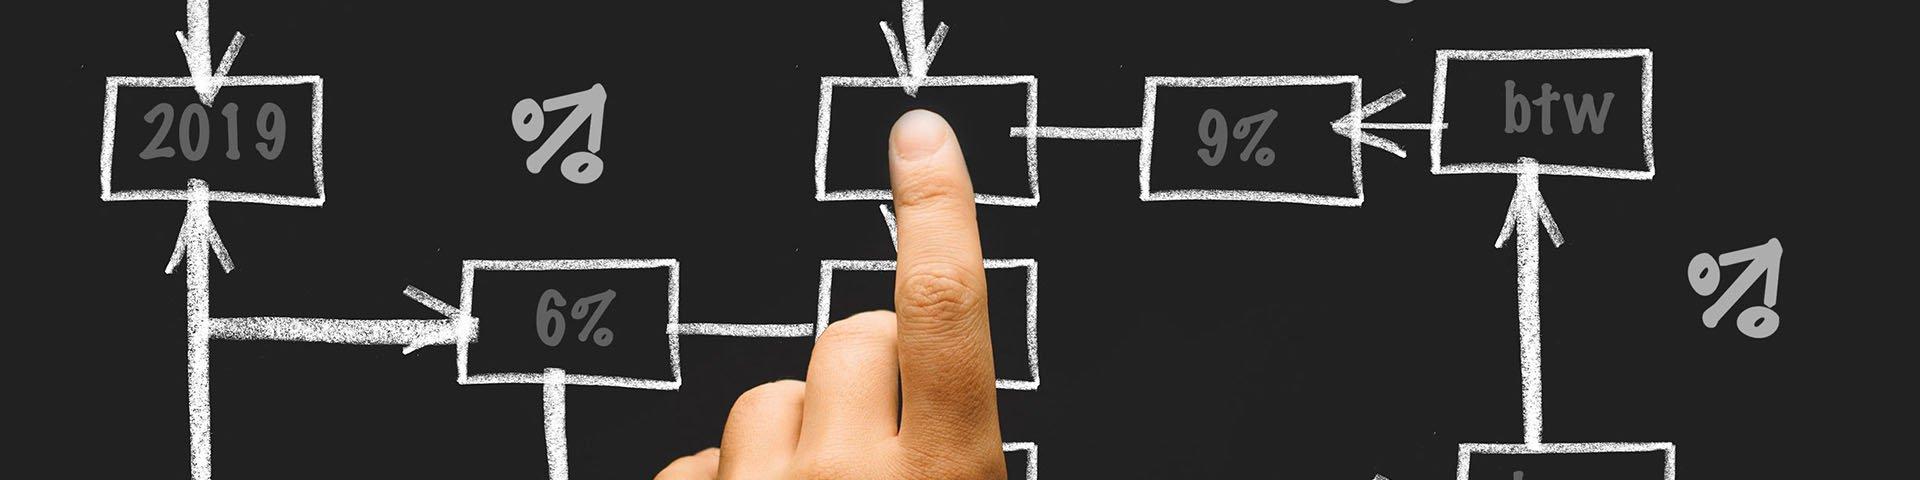 Btw-verhoging automatisch doorvoeren in al je administraties